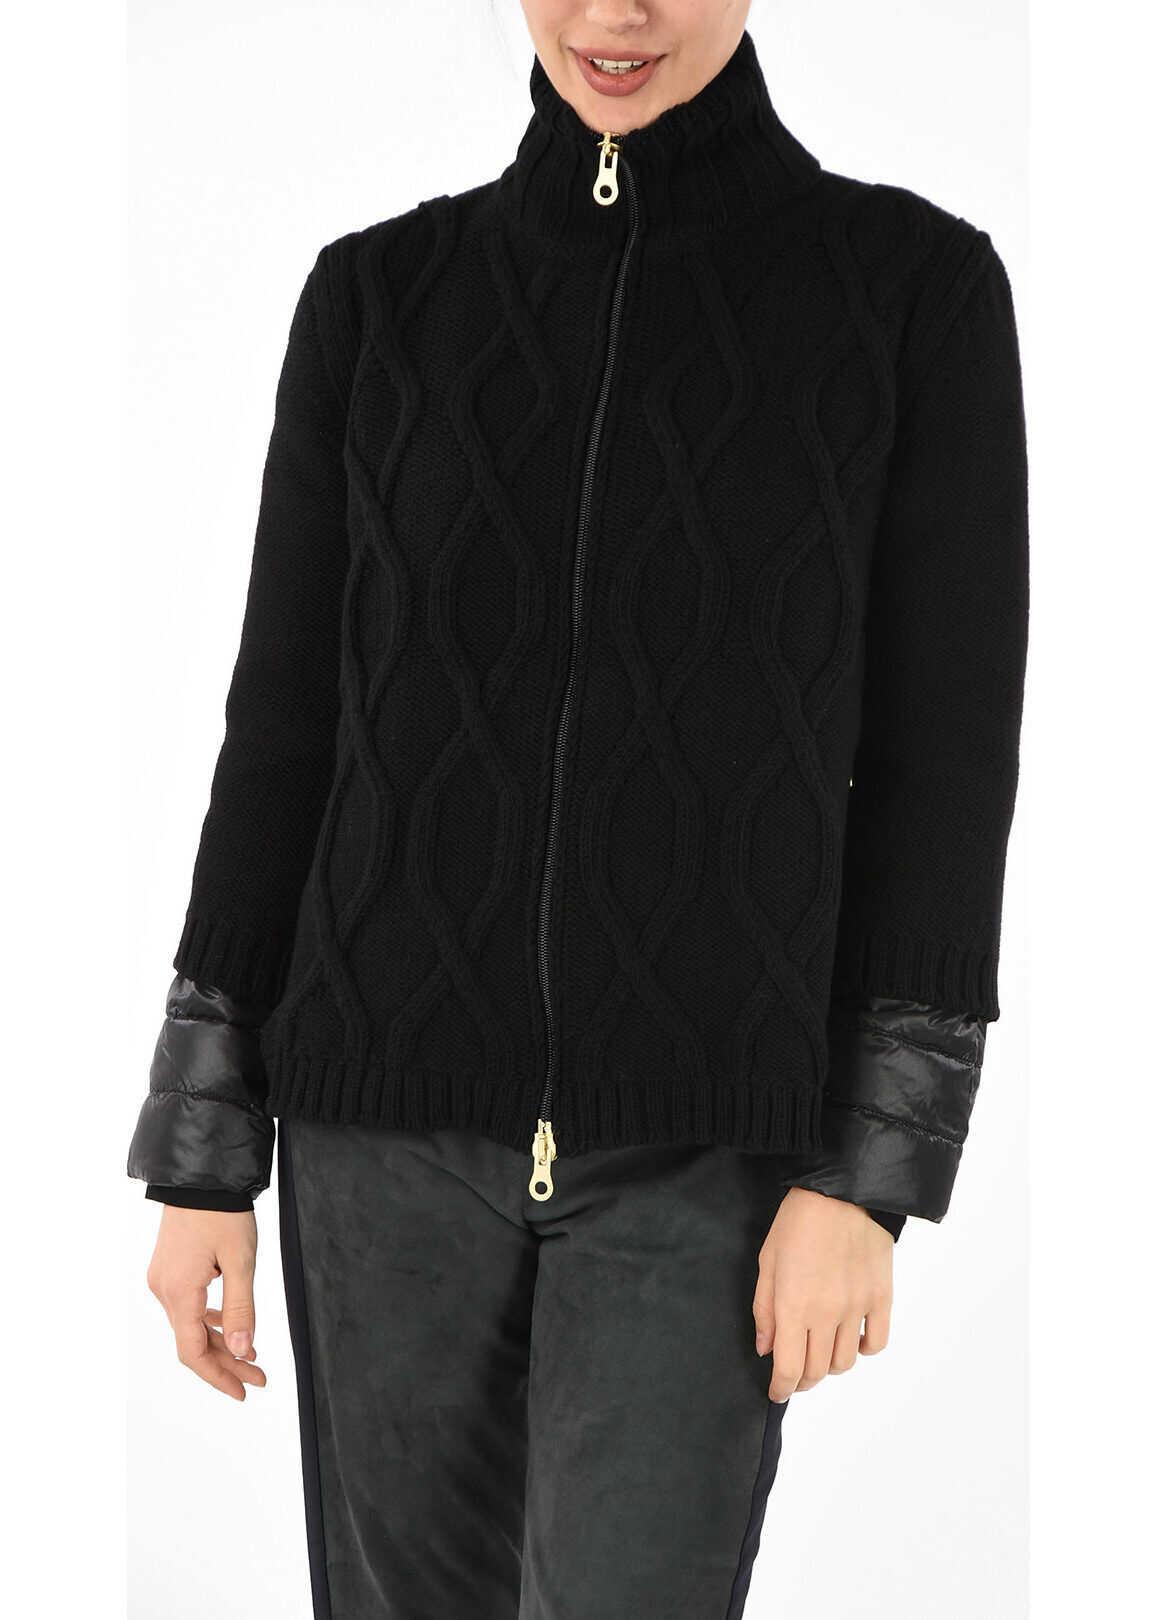 Duvetica Virgin Wool Knit NERYS down Jacket BLACK